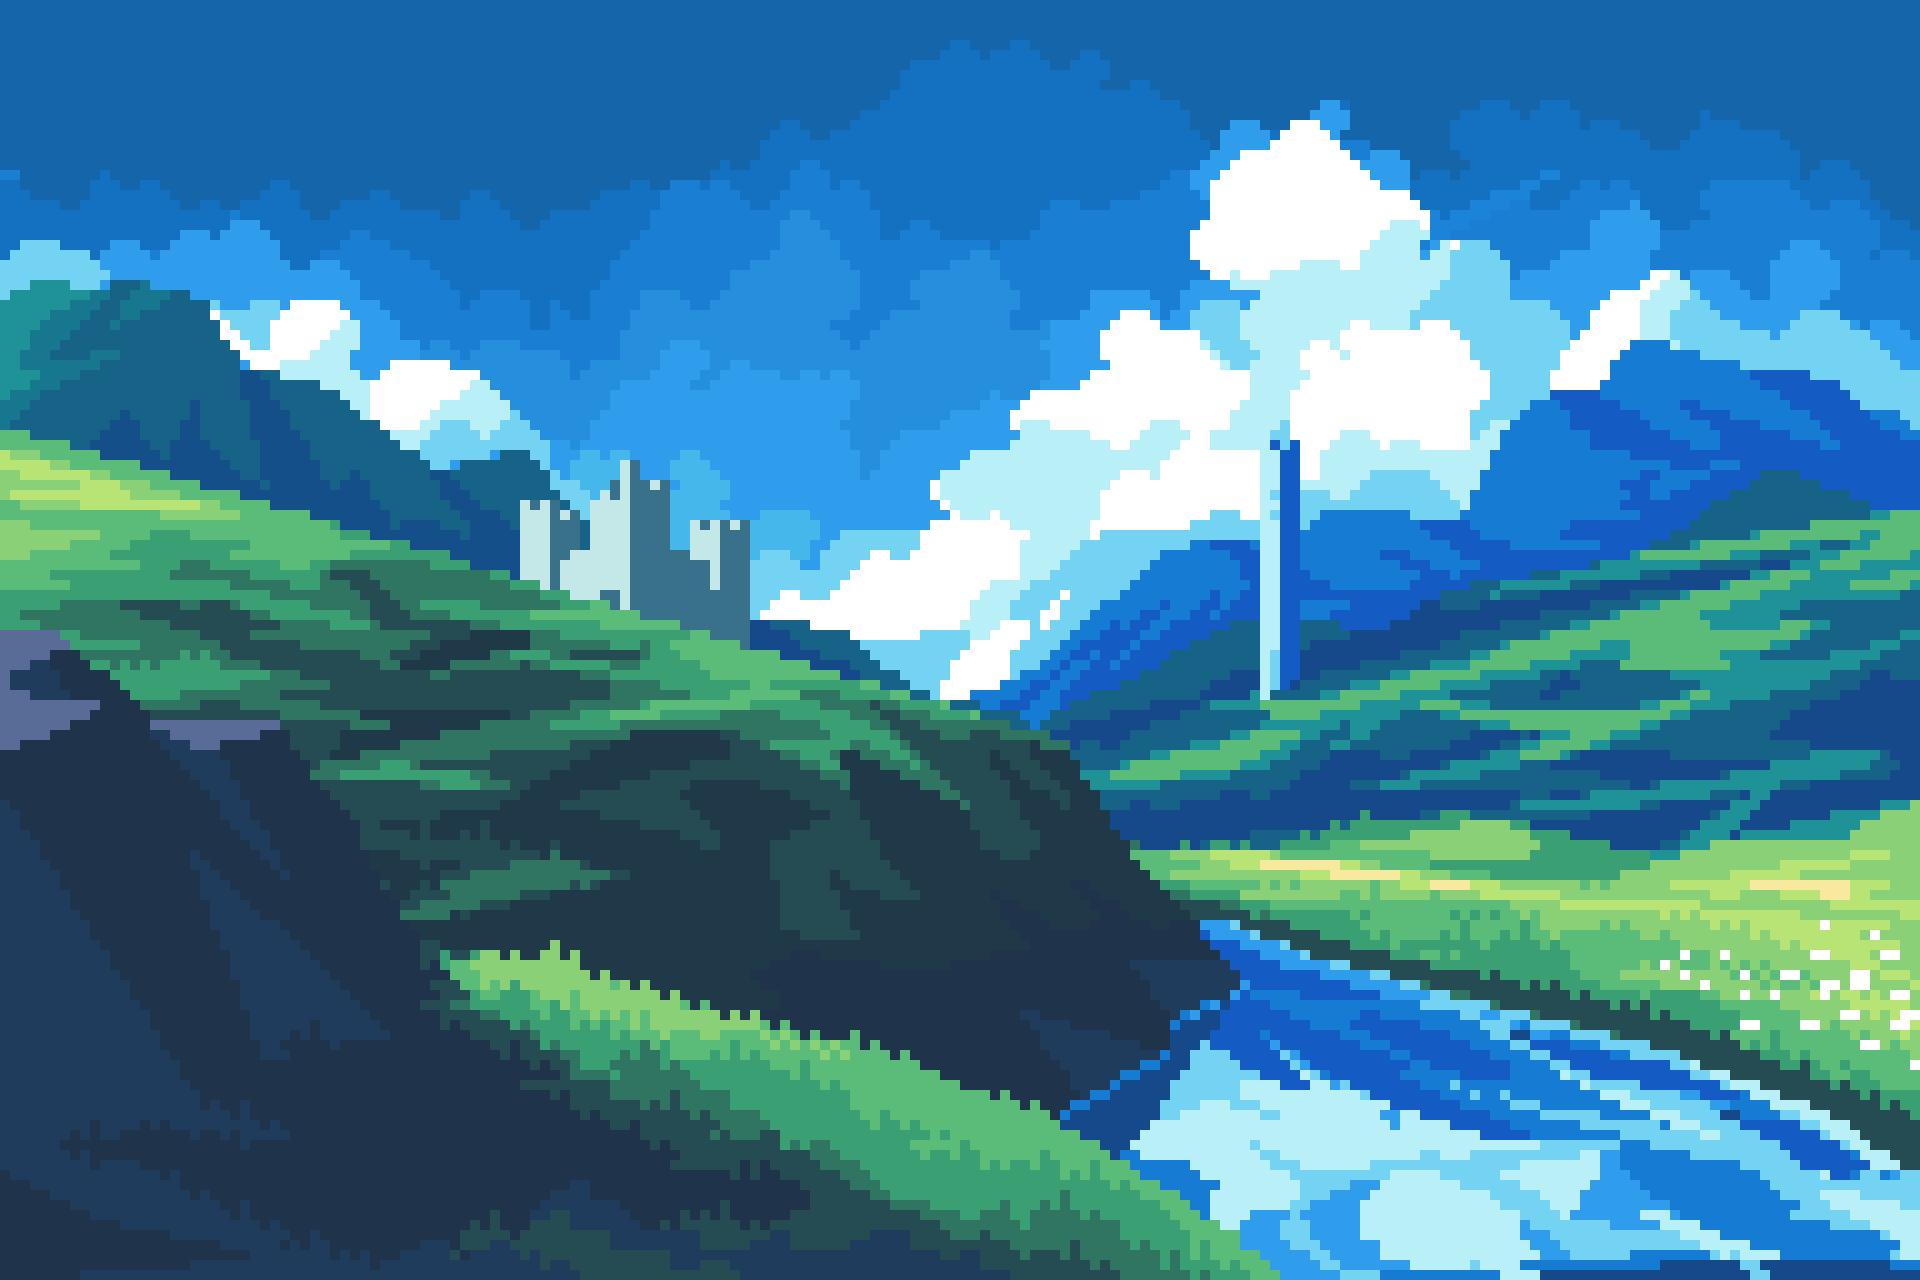 Castle, hills and clouds pixelart by frosty_rabbid / Wildan R²